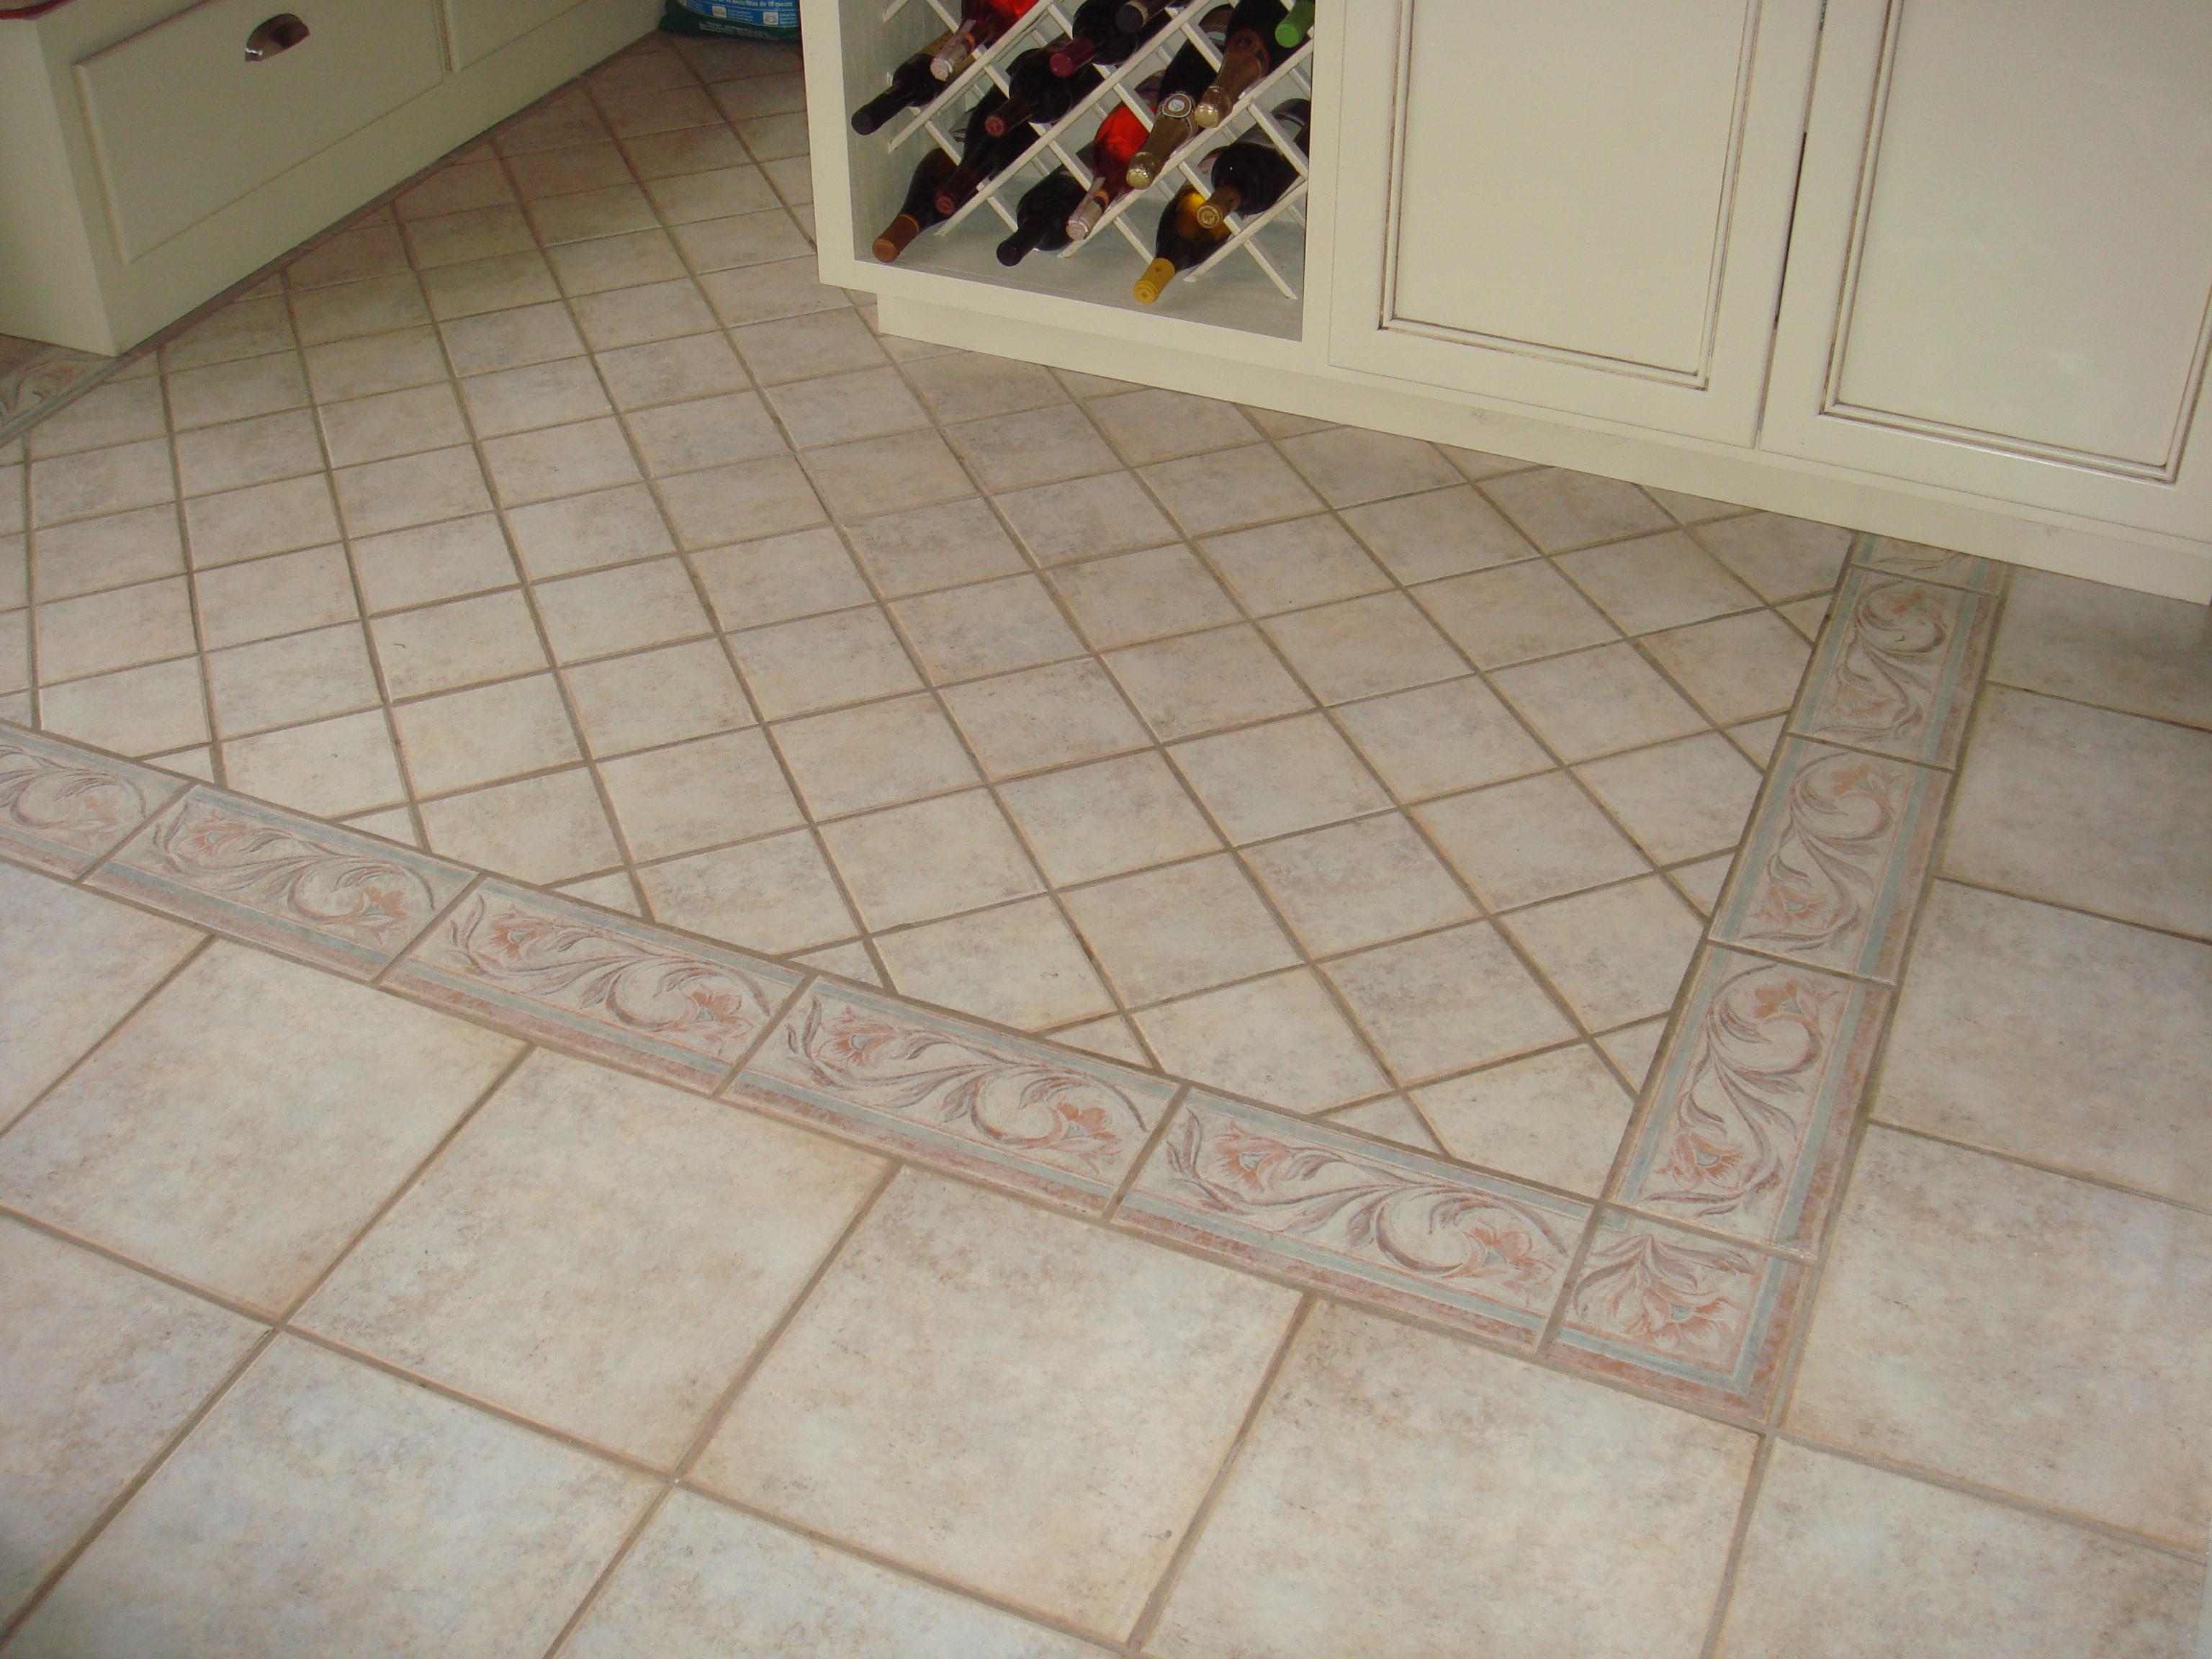 heated floors bathroom tiled bathroom floors - Bathroom Floors